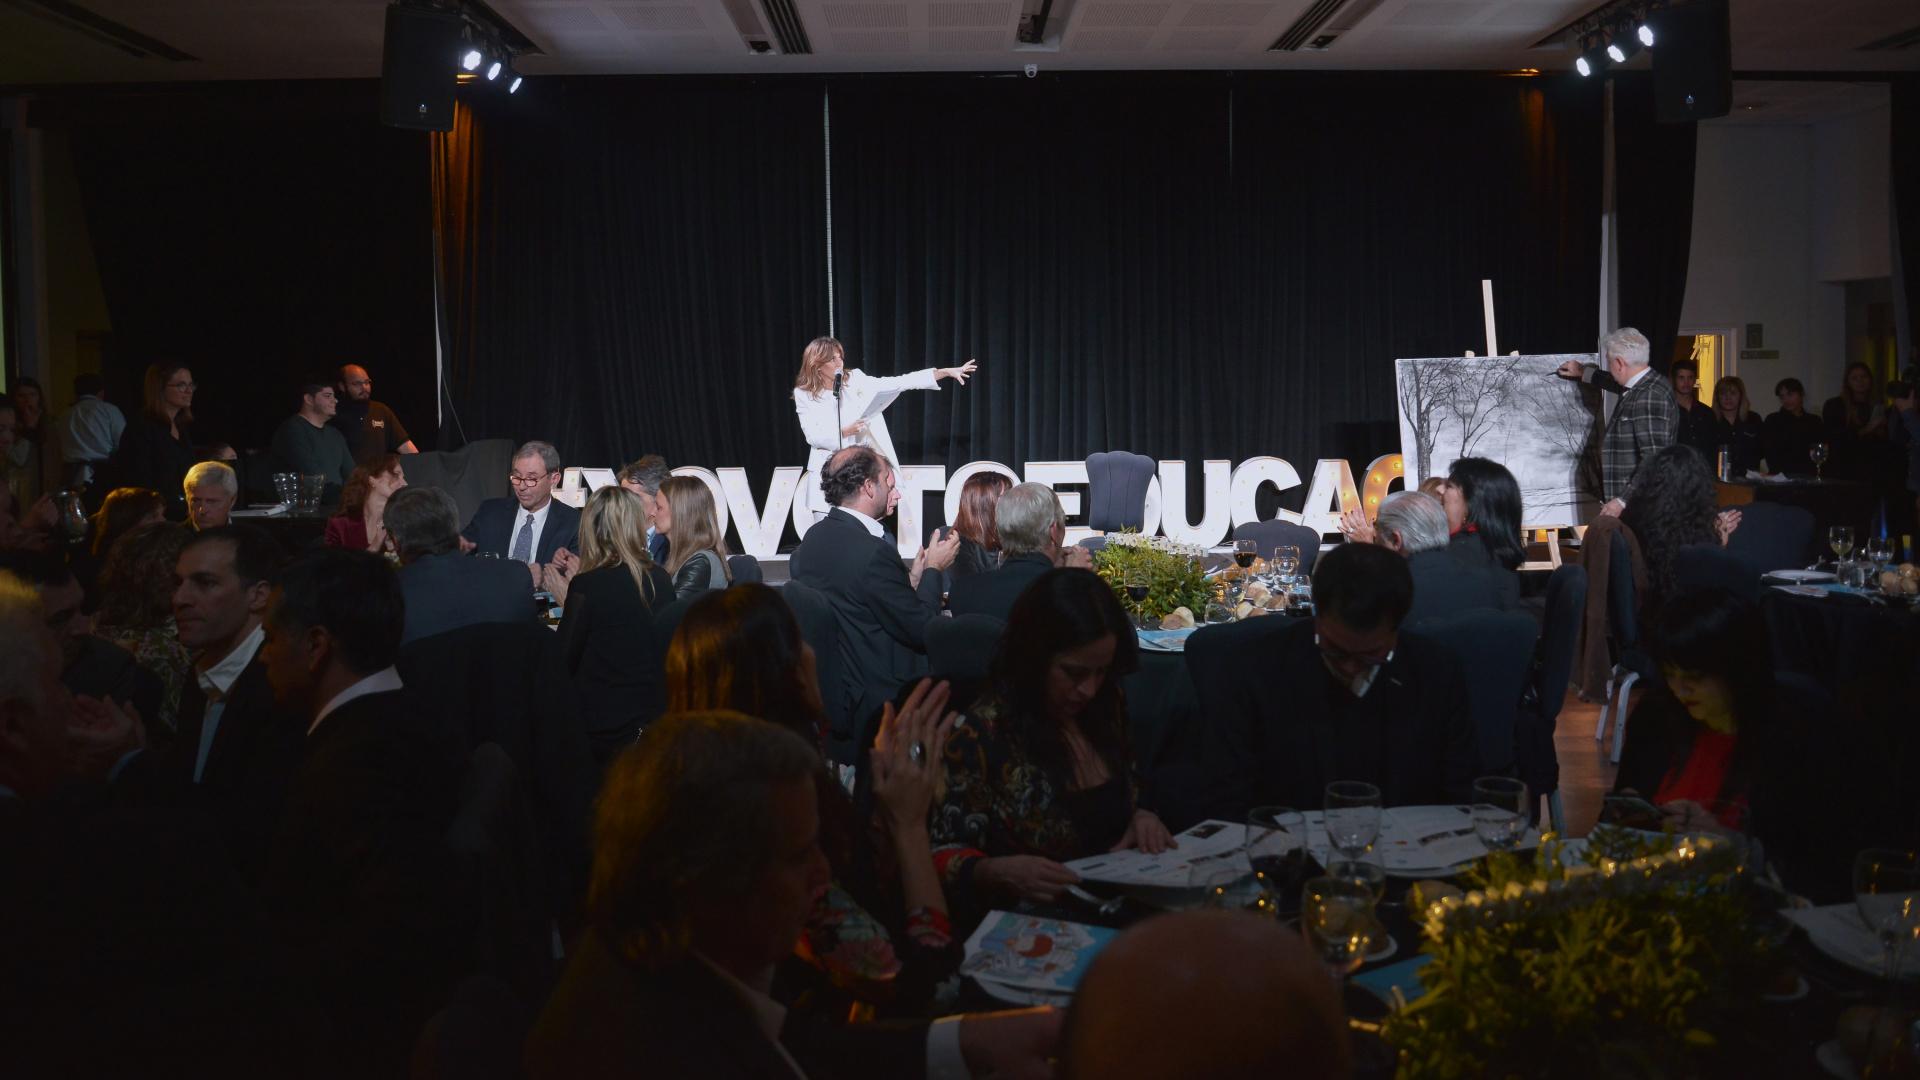 La gala tuvo como lema #YoVotoEducación